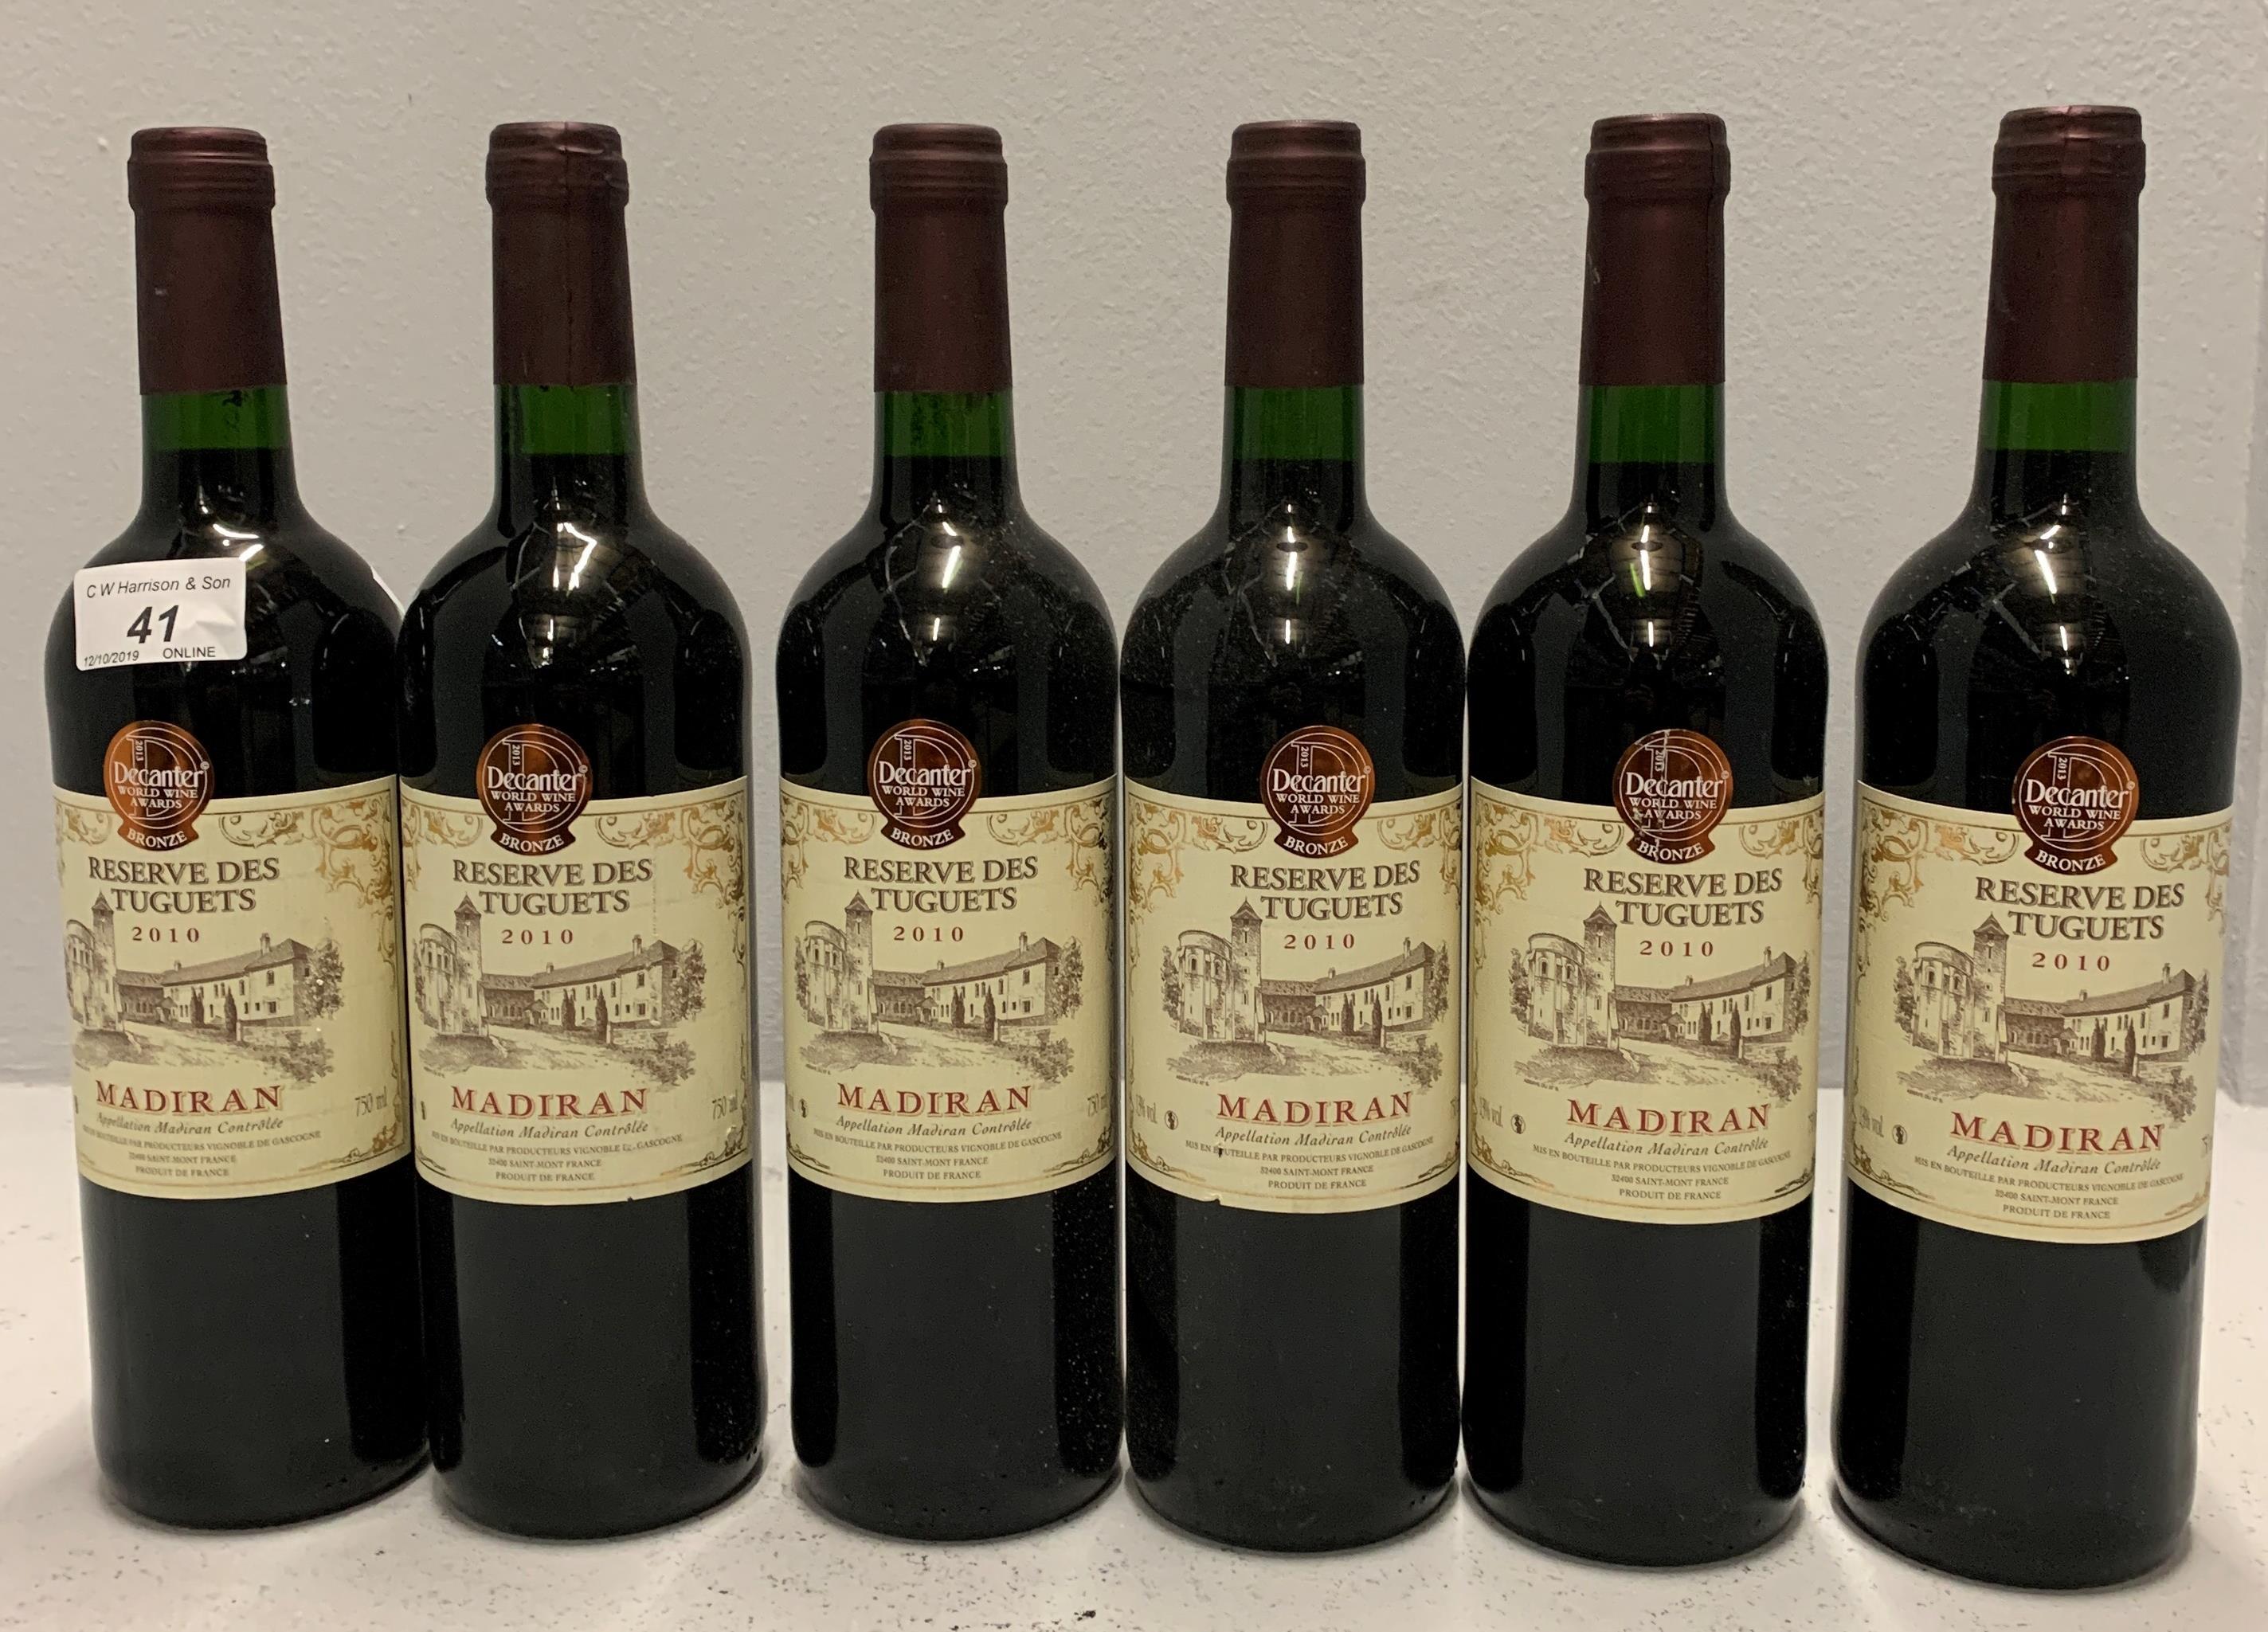 Lot 41 - 6 x 750ml bottles Reserve Des Tuguets 20